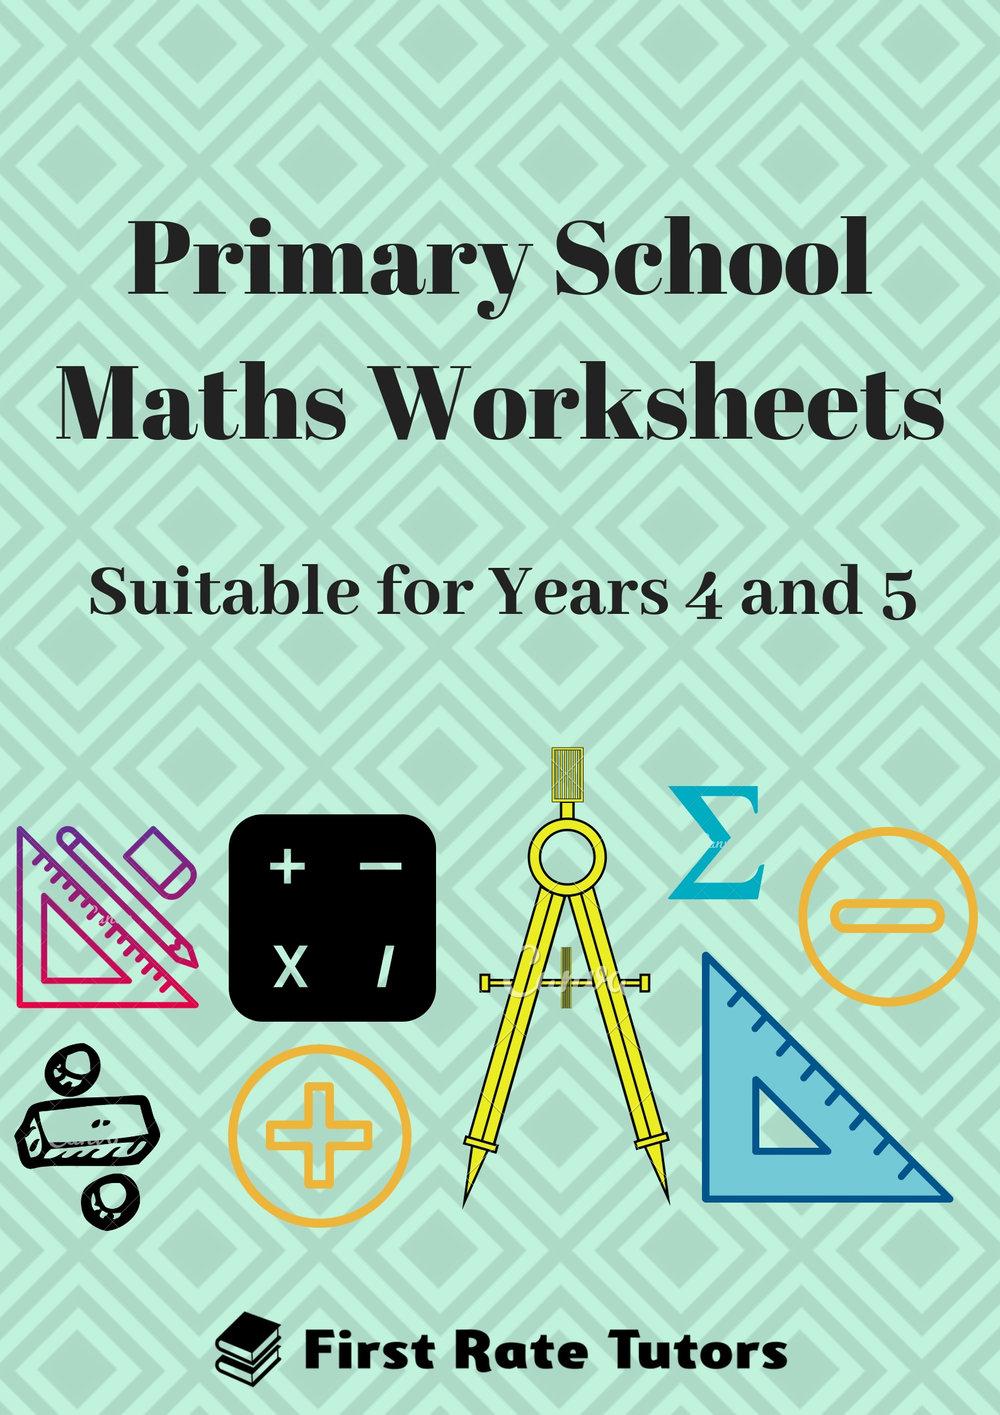 Primary+School+English+Worksheets-4.jpg